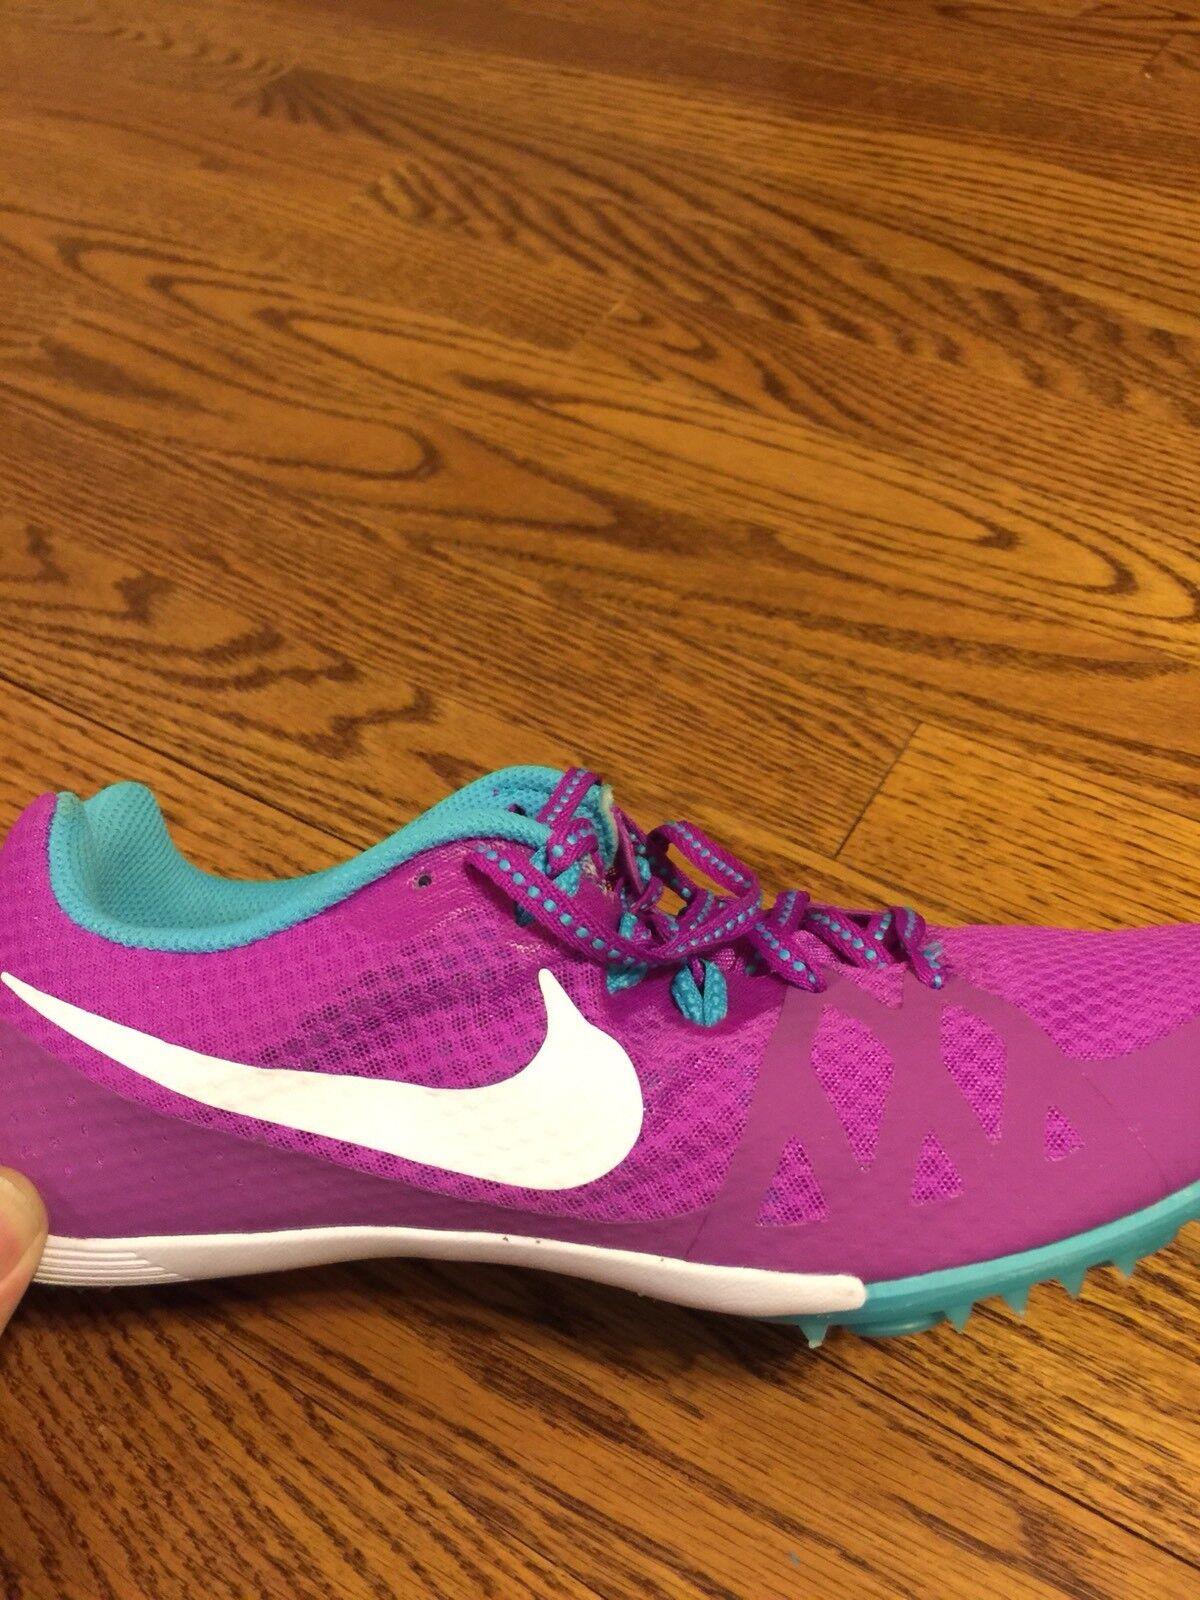 Nike rivale mutli usare usare usare pista campo spike viola scarpe femminili 9,5 euc | Qualità Primacy  | Scolaro/Ragazze Scarpa  3e5944